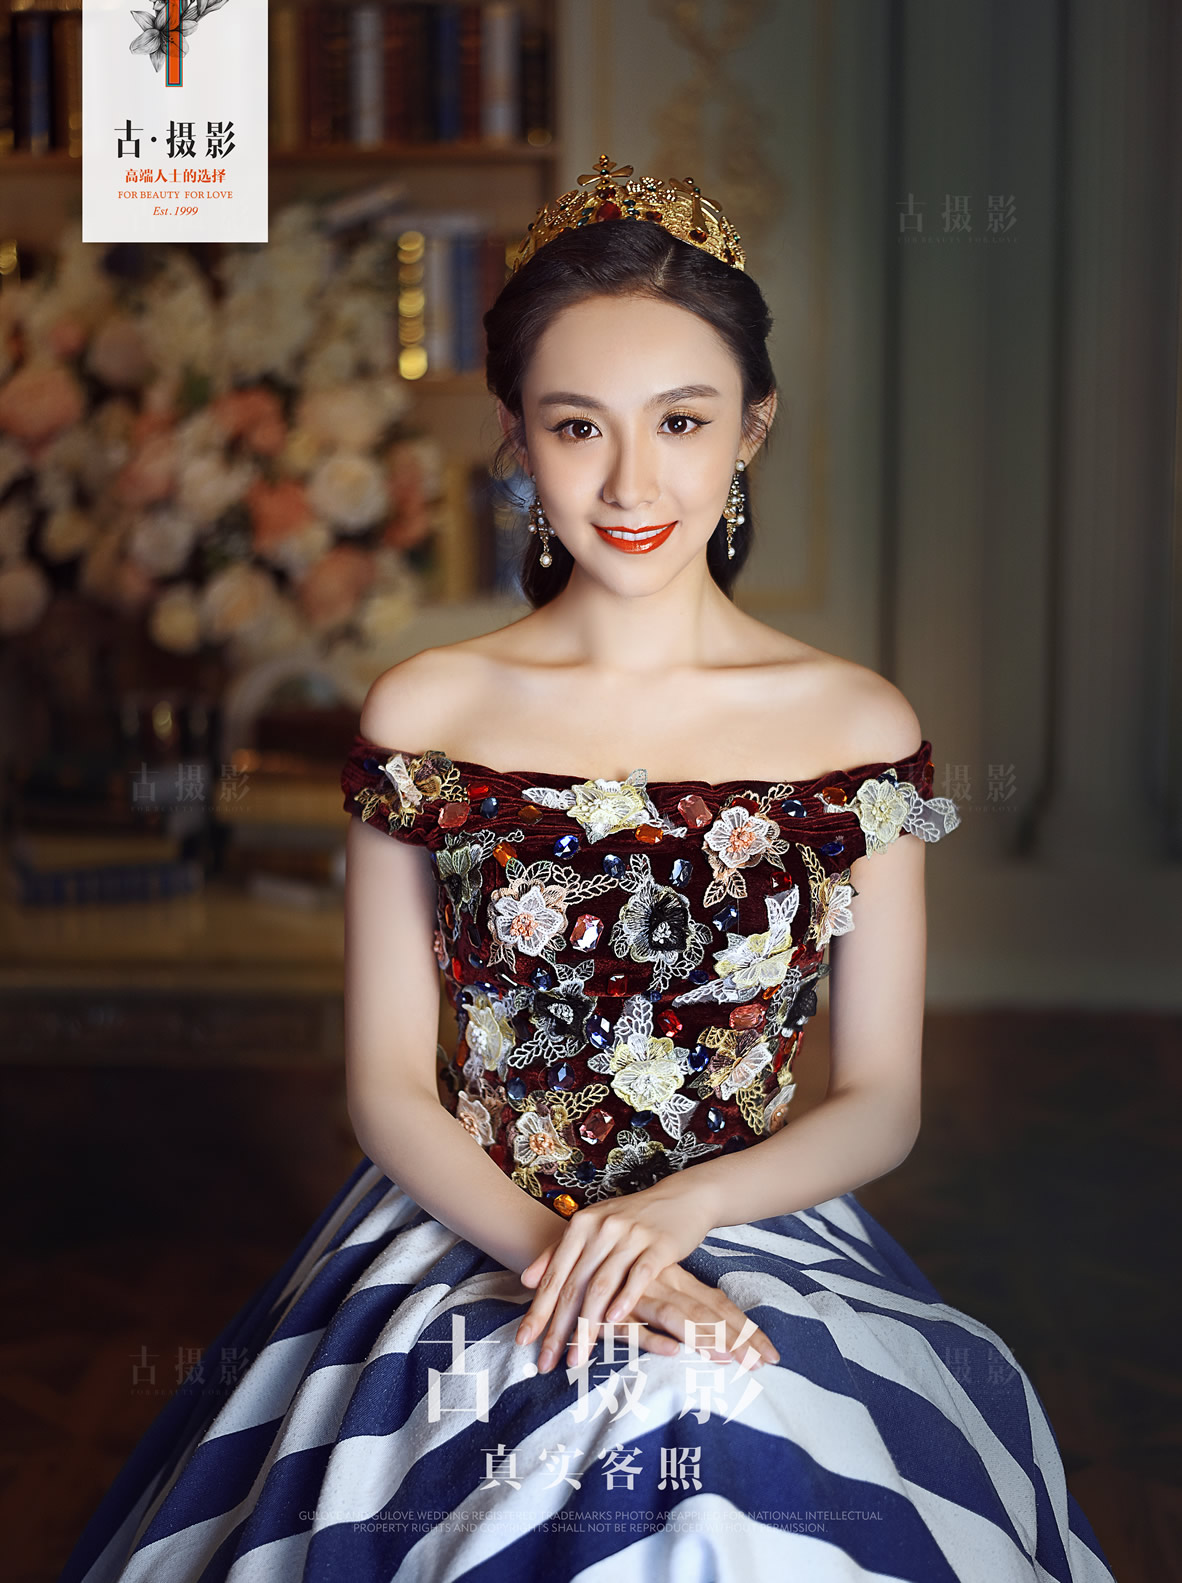 3月4日客片王小姐夫妇 - 每日客照 - love上海古摄影-上海婚纱摄影网